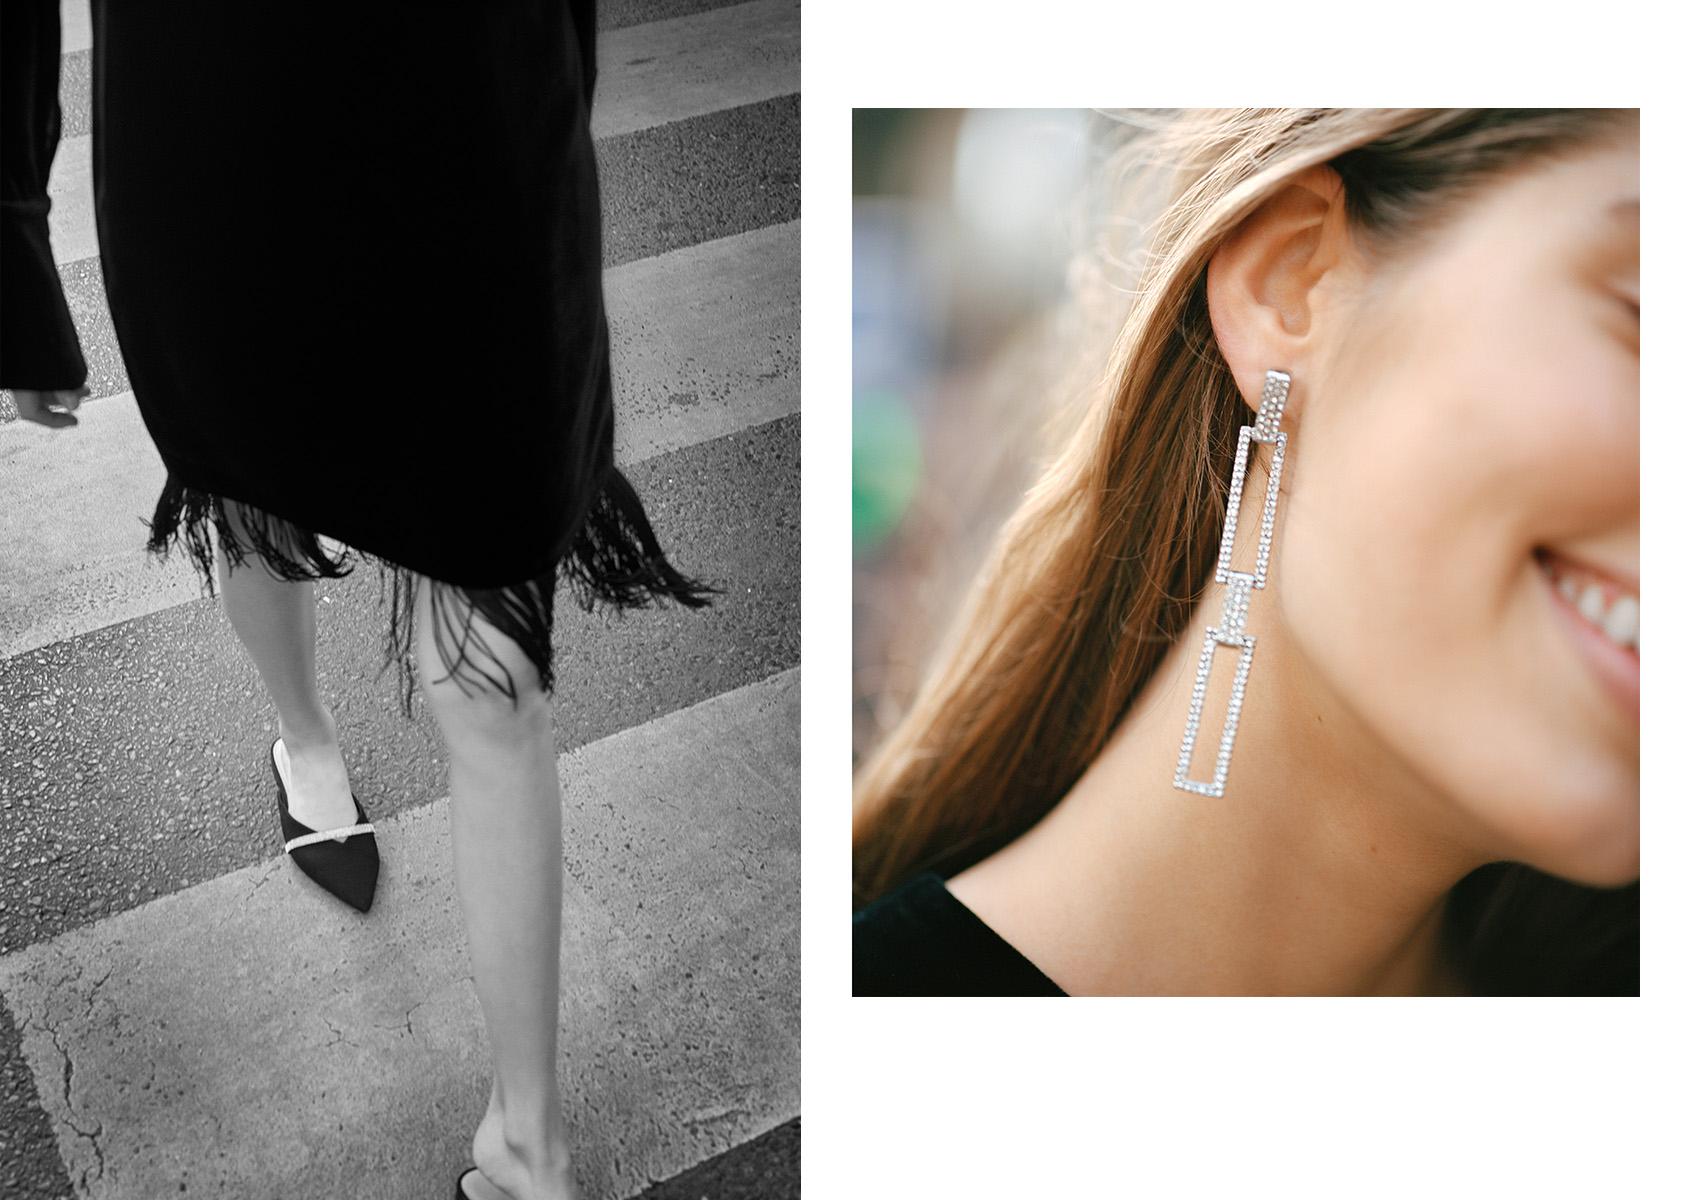 H&M 블랙 벨벳 드레스와 H&M 이어링